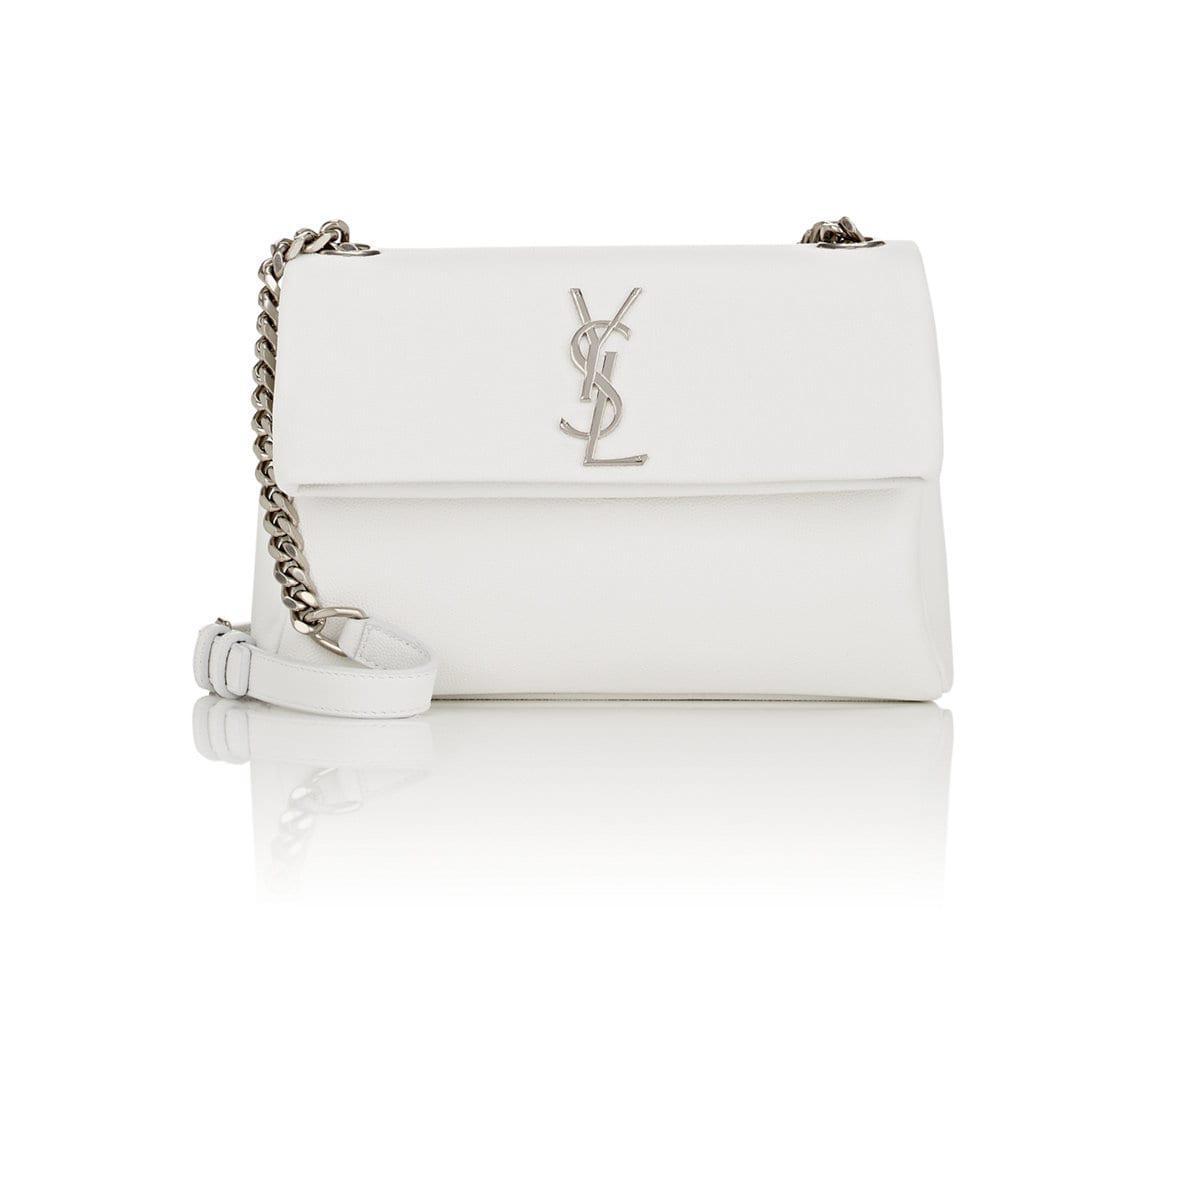 1f38e13d943 Lyst - Saint Laurent Monogram West Hollywood Leather Shoulder Bag in ...